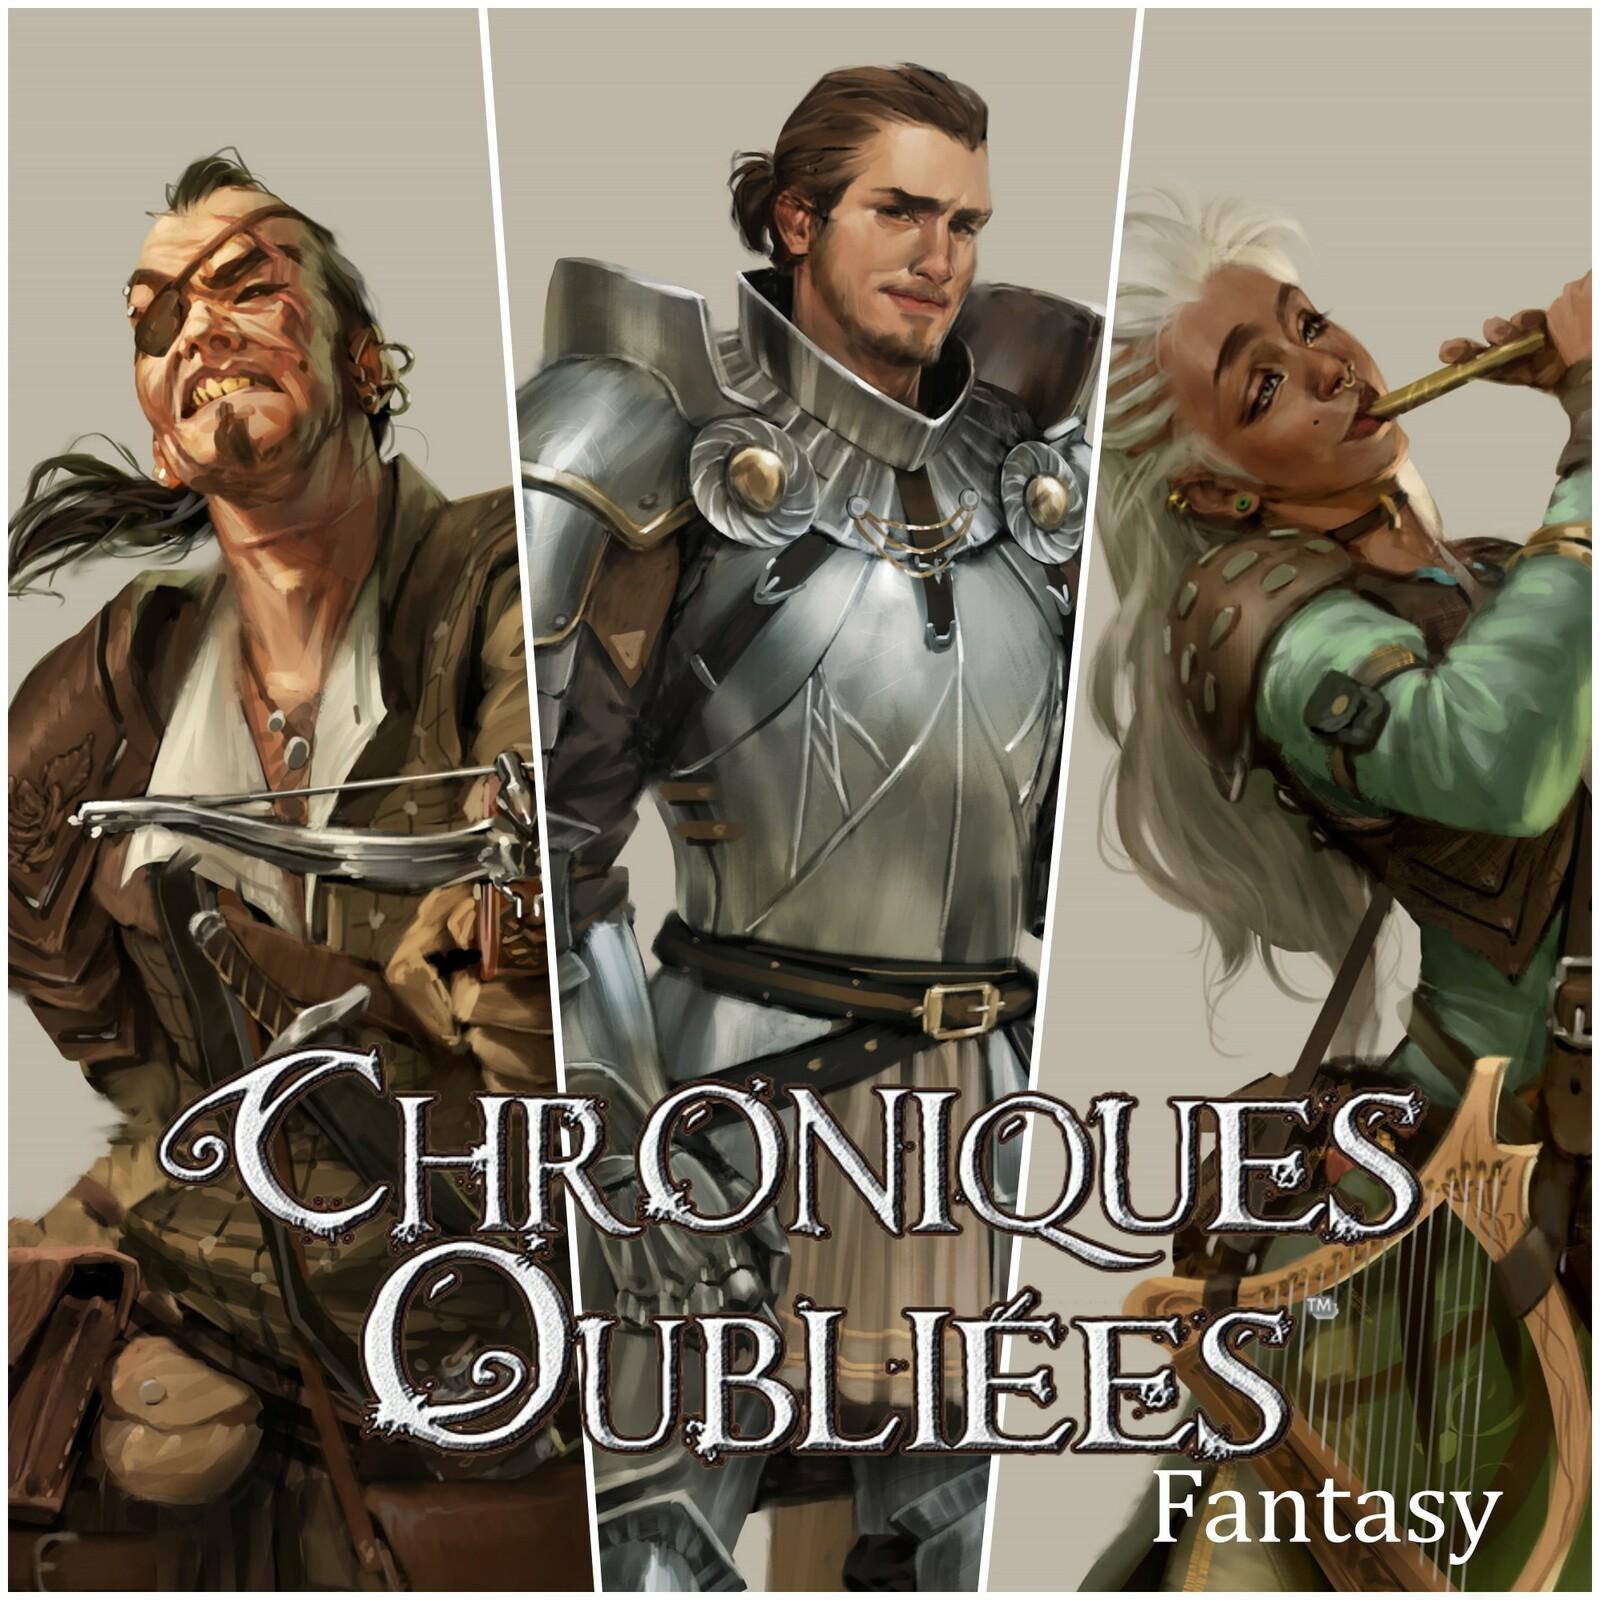 Chroniques oubliées Fantasy